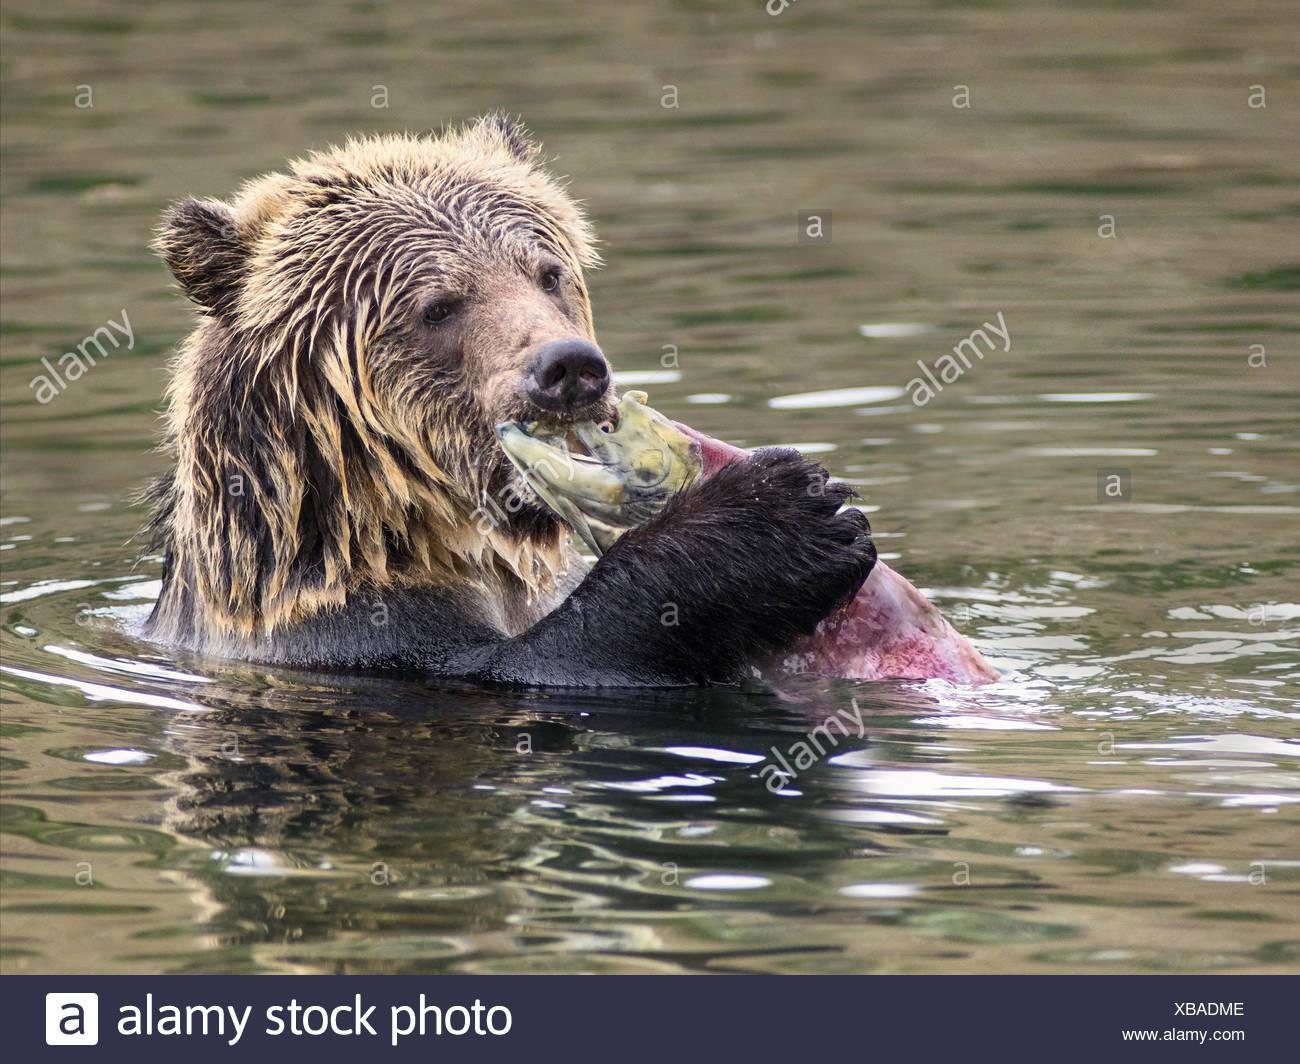 Orso grizzly (Ursus arctos horribilis), sub-adulto, in acqua di salmone alimentazione stream sul salmone sockeye (Oncorhynchus nerka), central British Columbia, Canada Immagini Stock